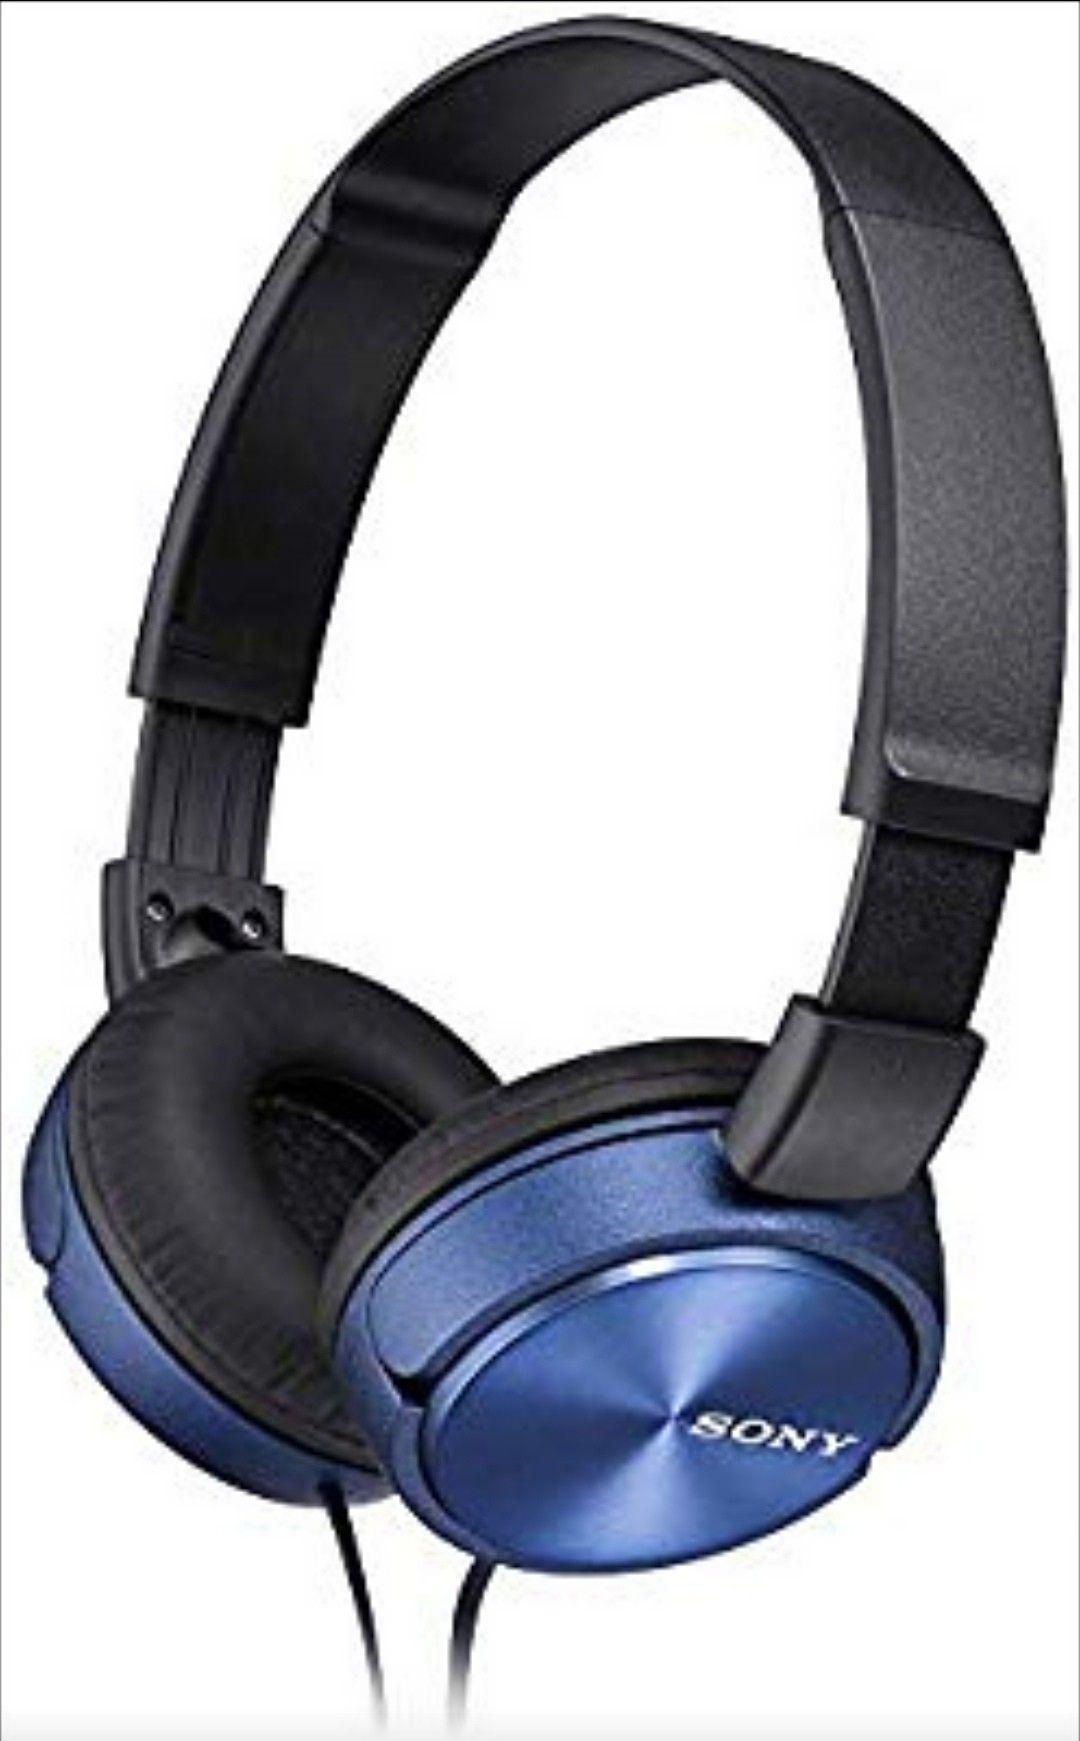 Driver al neodimio da 30 mm. Cuffie con archetto dal design leggero e pieghevole, driver da 30 mm e 98 dB/mW di sensibilità. Gamma di frequenza 10-24.000 Hz. Cuffie con archetto dal design leggero e pieghevole, driver da 30 mm e 98 dB/mW di sensibilità. Driver al neodimio da 30 mm. Gamma di frequenza 10-24.000 Hz.Design pieghevole e compatto. #amazon #sony #onear #music #blu